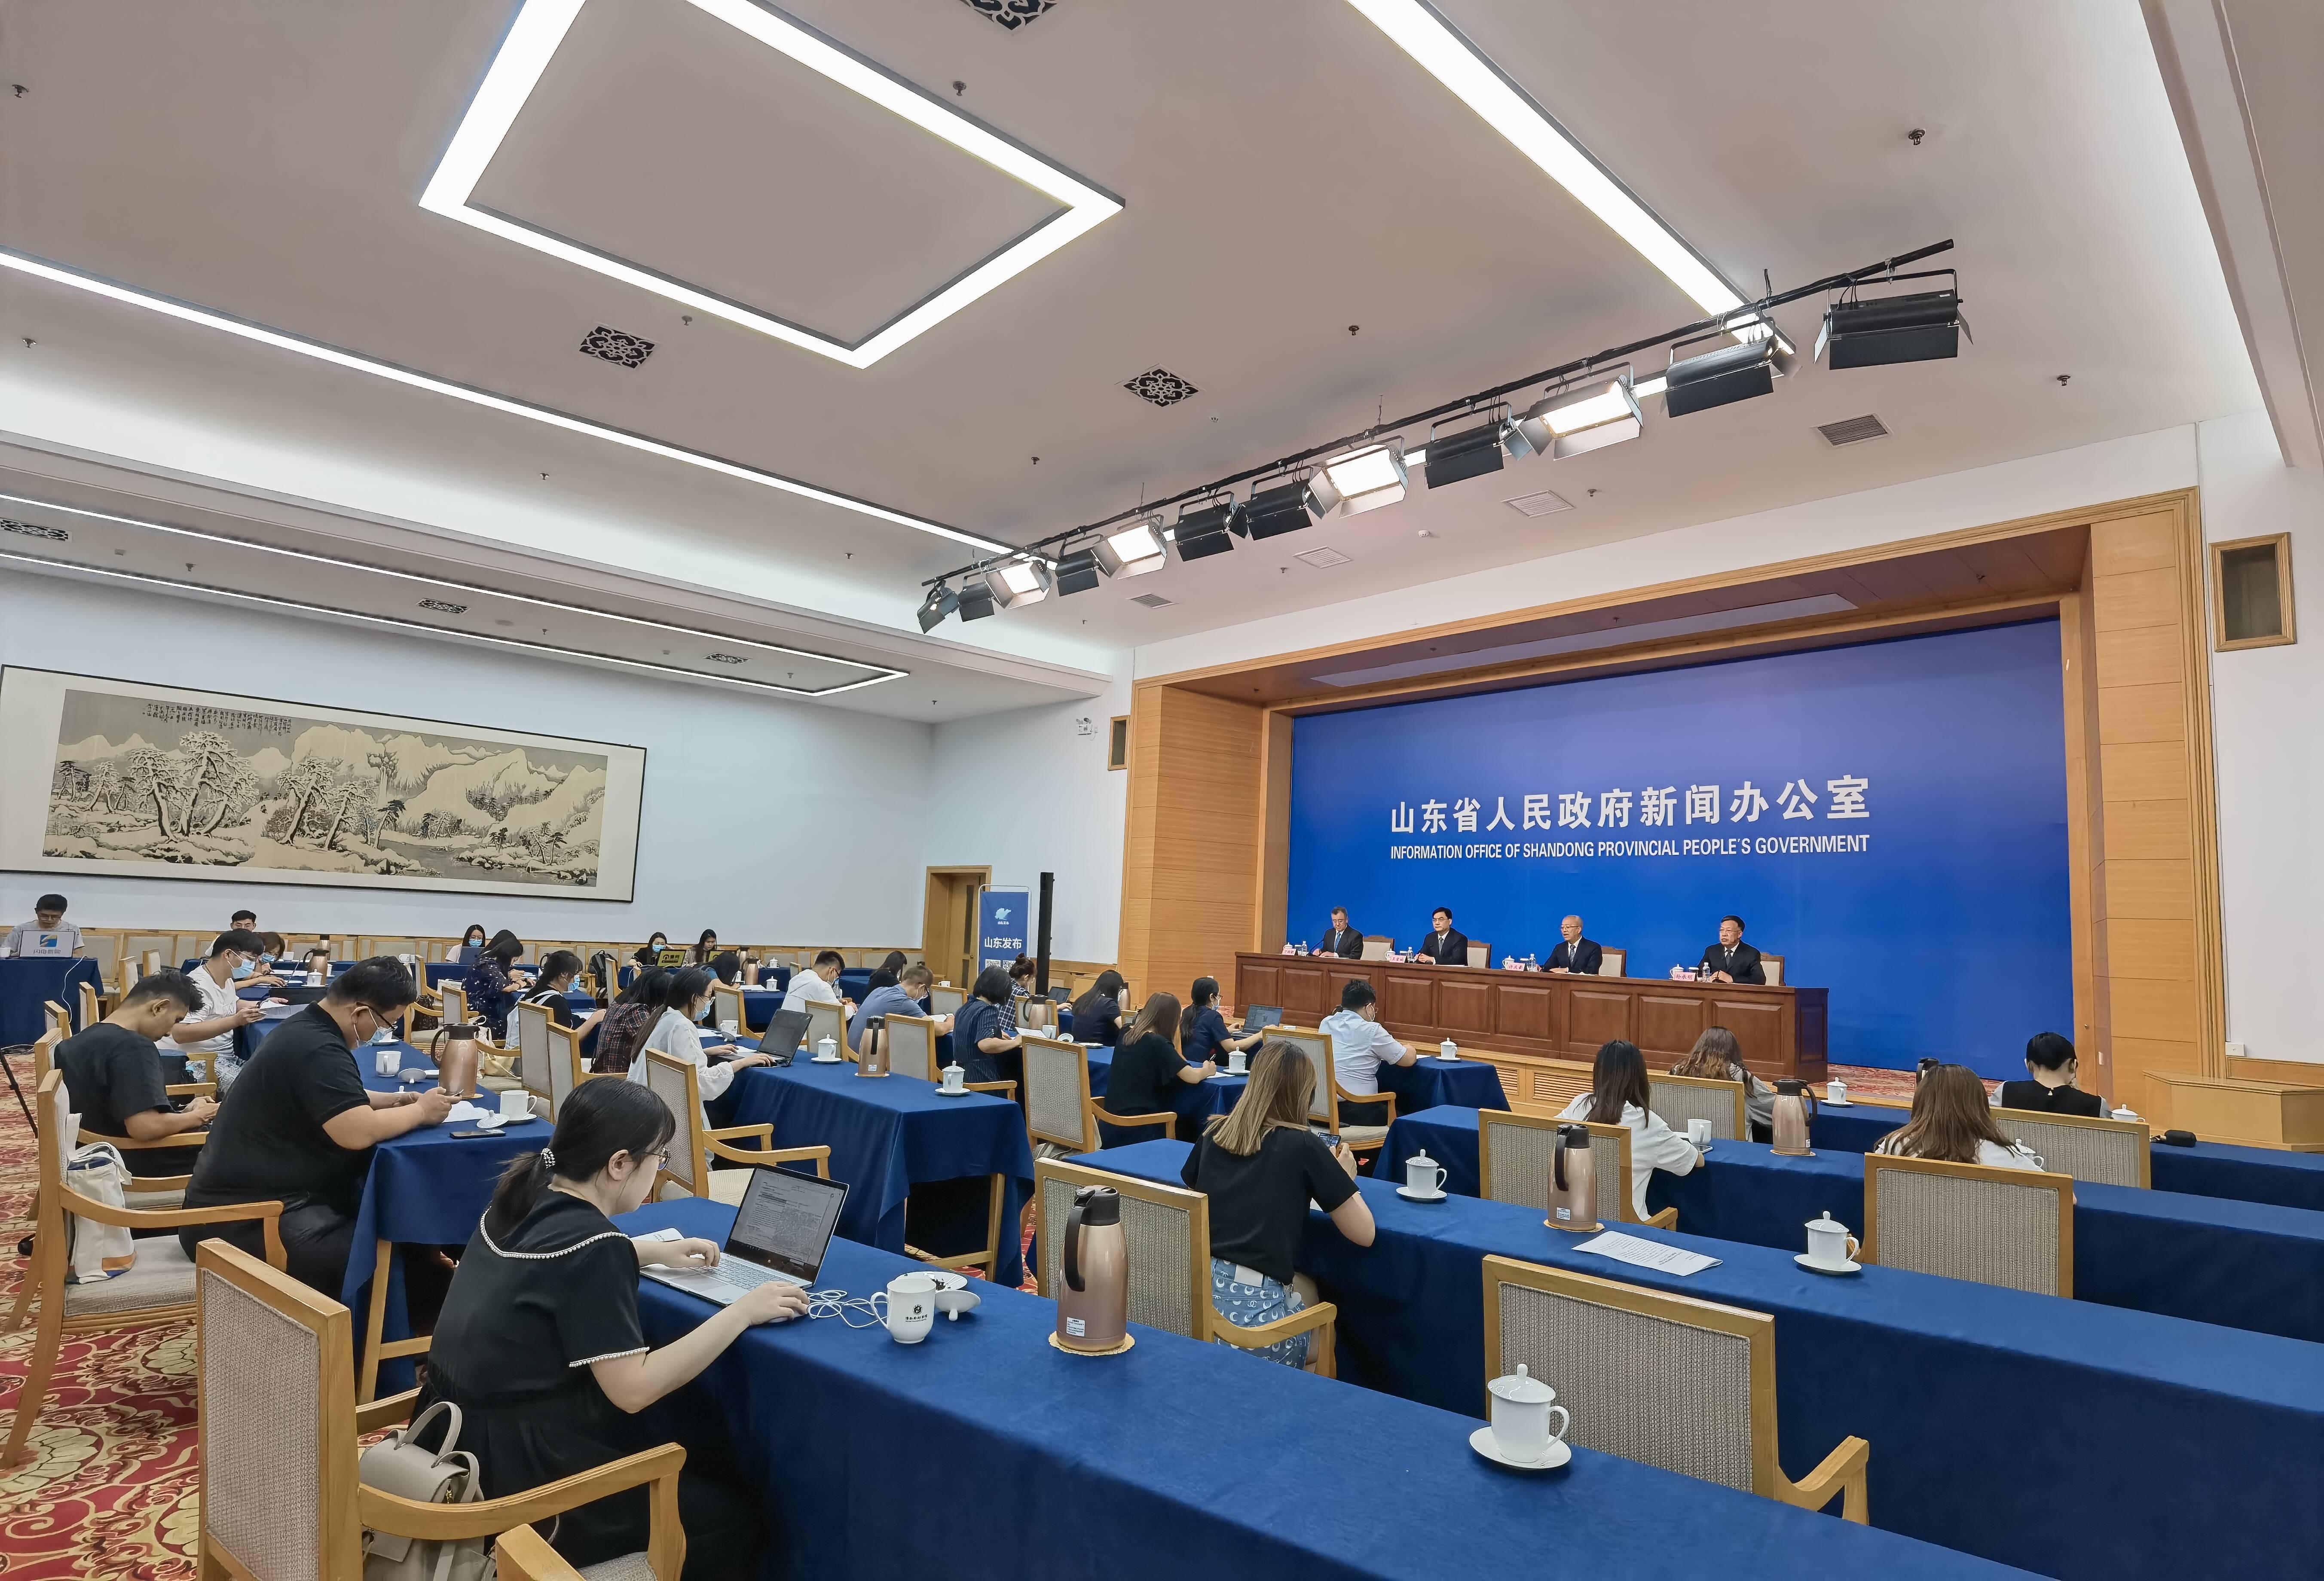 山东省2020年度省级预算执行和其他财政收支的审计工作报告发布